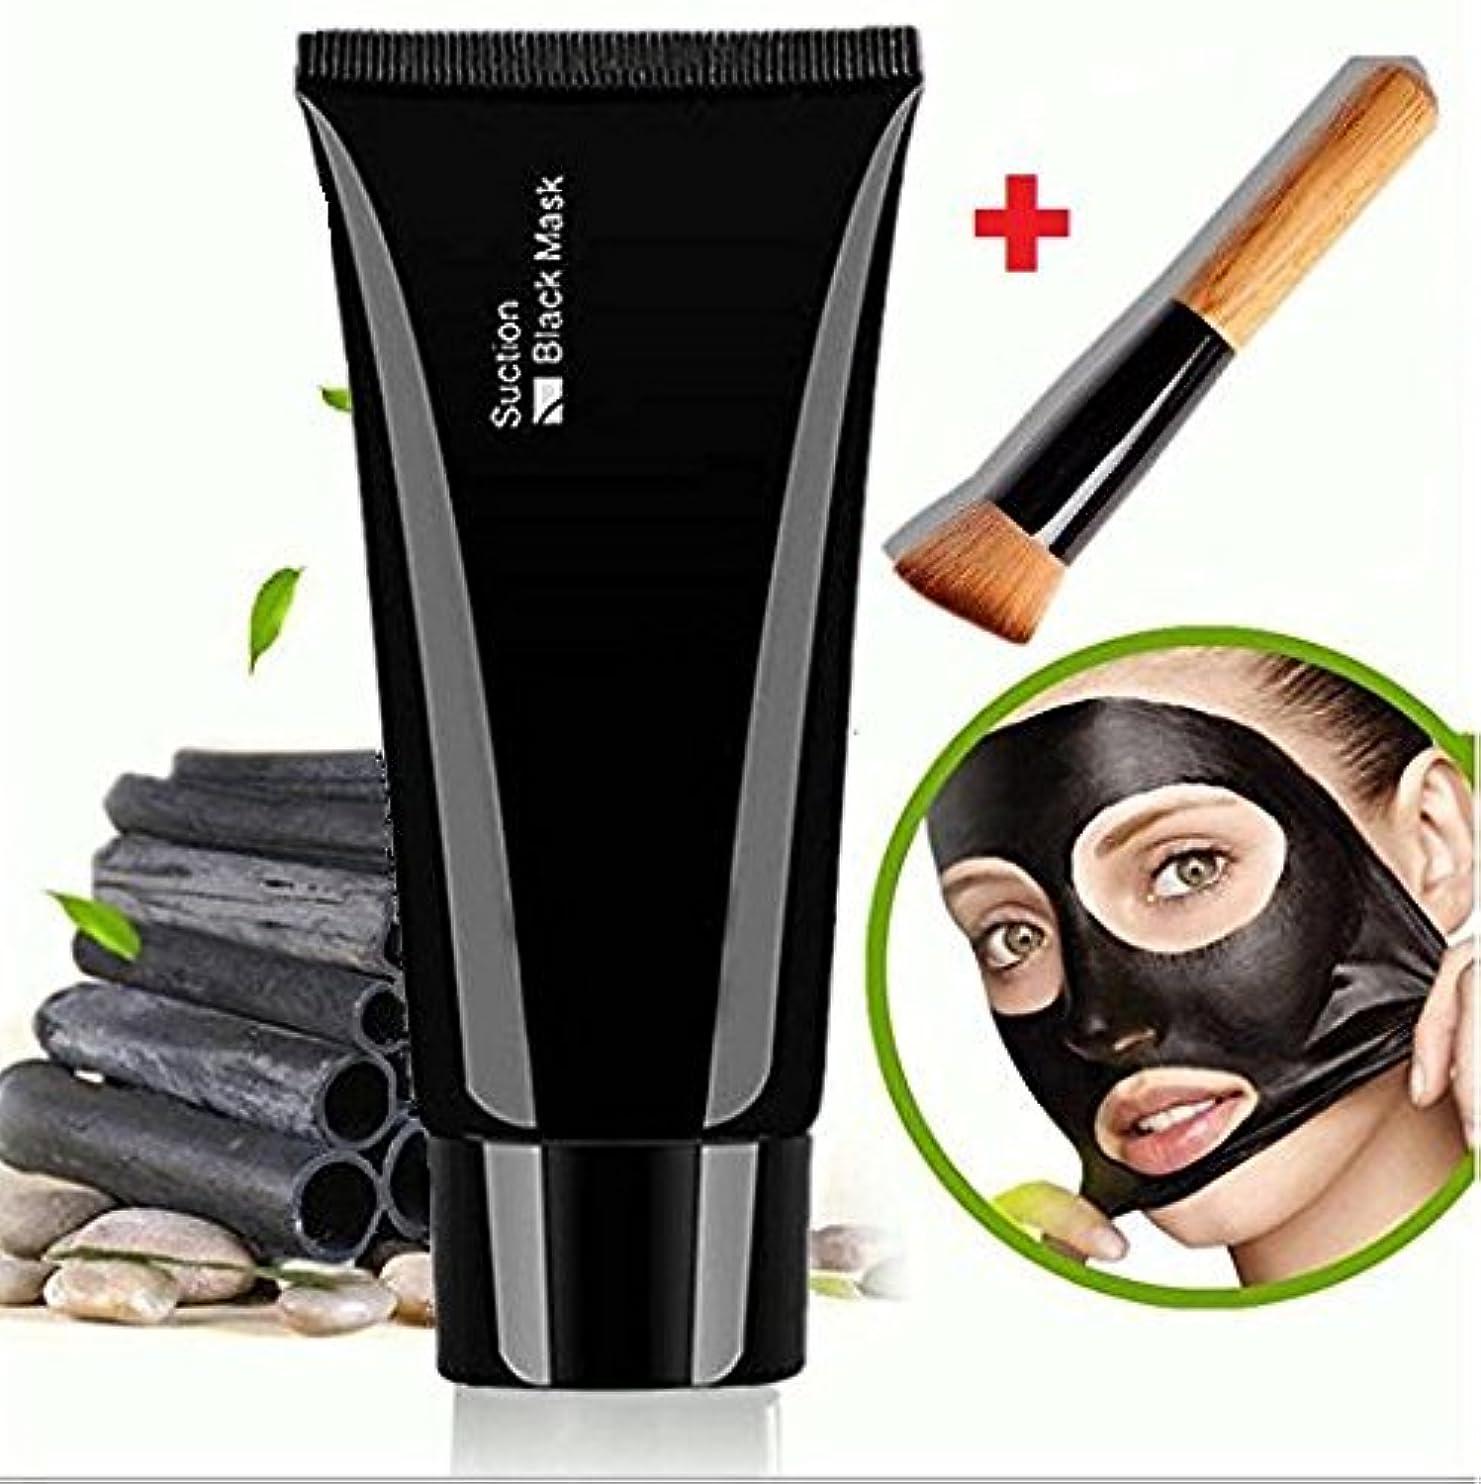 ミシン目確保する半円Facial Mask Black, Face Apeel Cleansing Mask Deep Cleanser Blackhead Acne Remover Peel off Mask + Wooden Brush